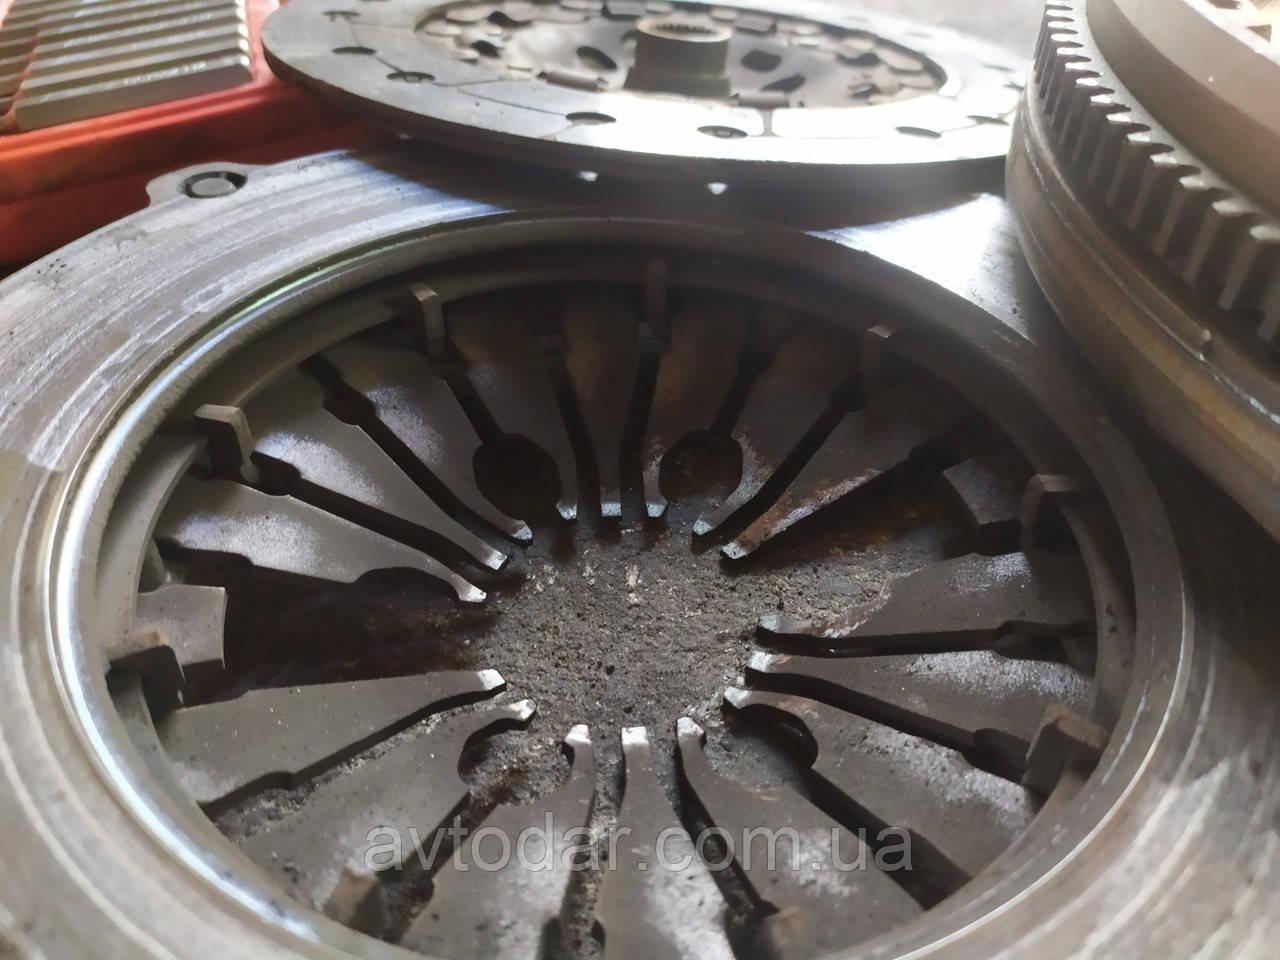 Заміна зчеплення Volkswagen Passat B4 ремонт КПП СТО